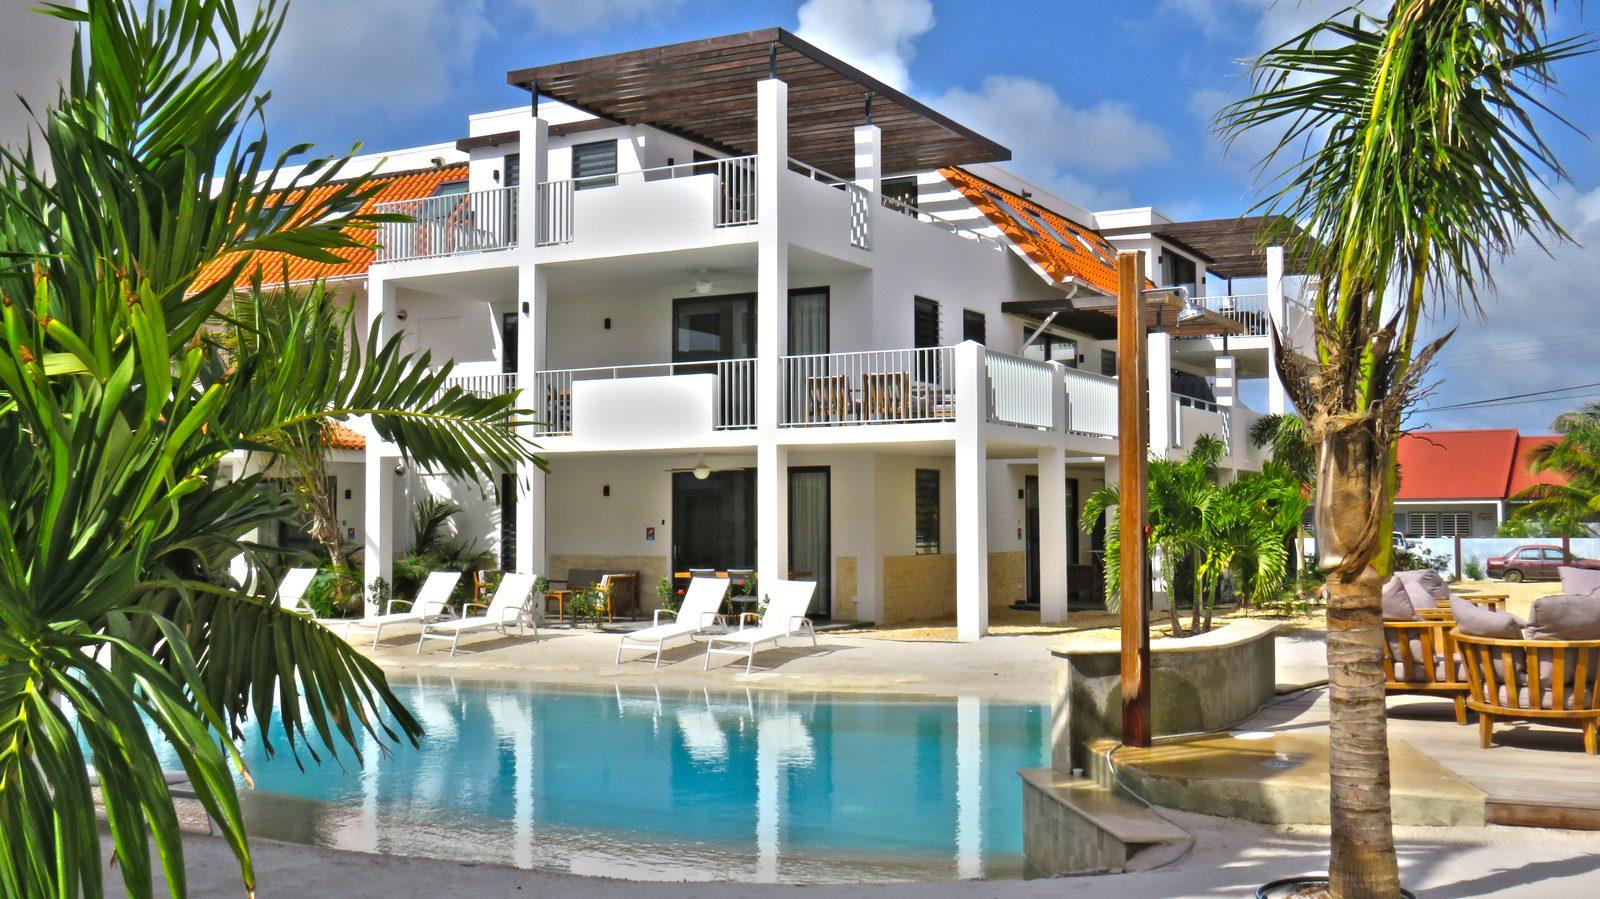 Urlaub machen auf Bonaire? Bei uns im Resort Bonaire ist dies möglich! Wir bieten verschiedene Apartments an, die luxuriös mit allem, was man braucht, eingerichtet sind.